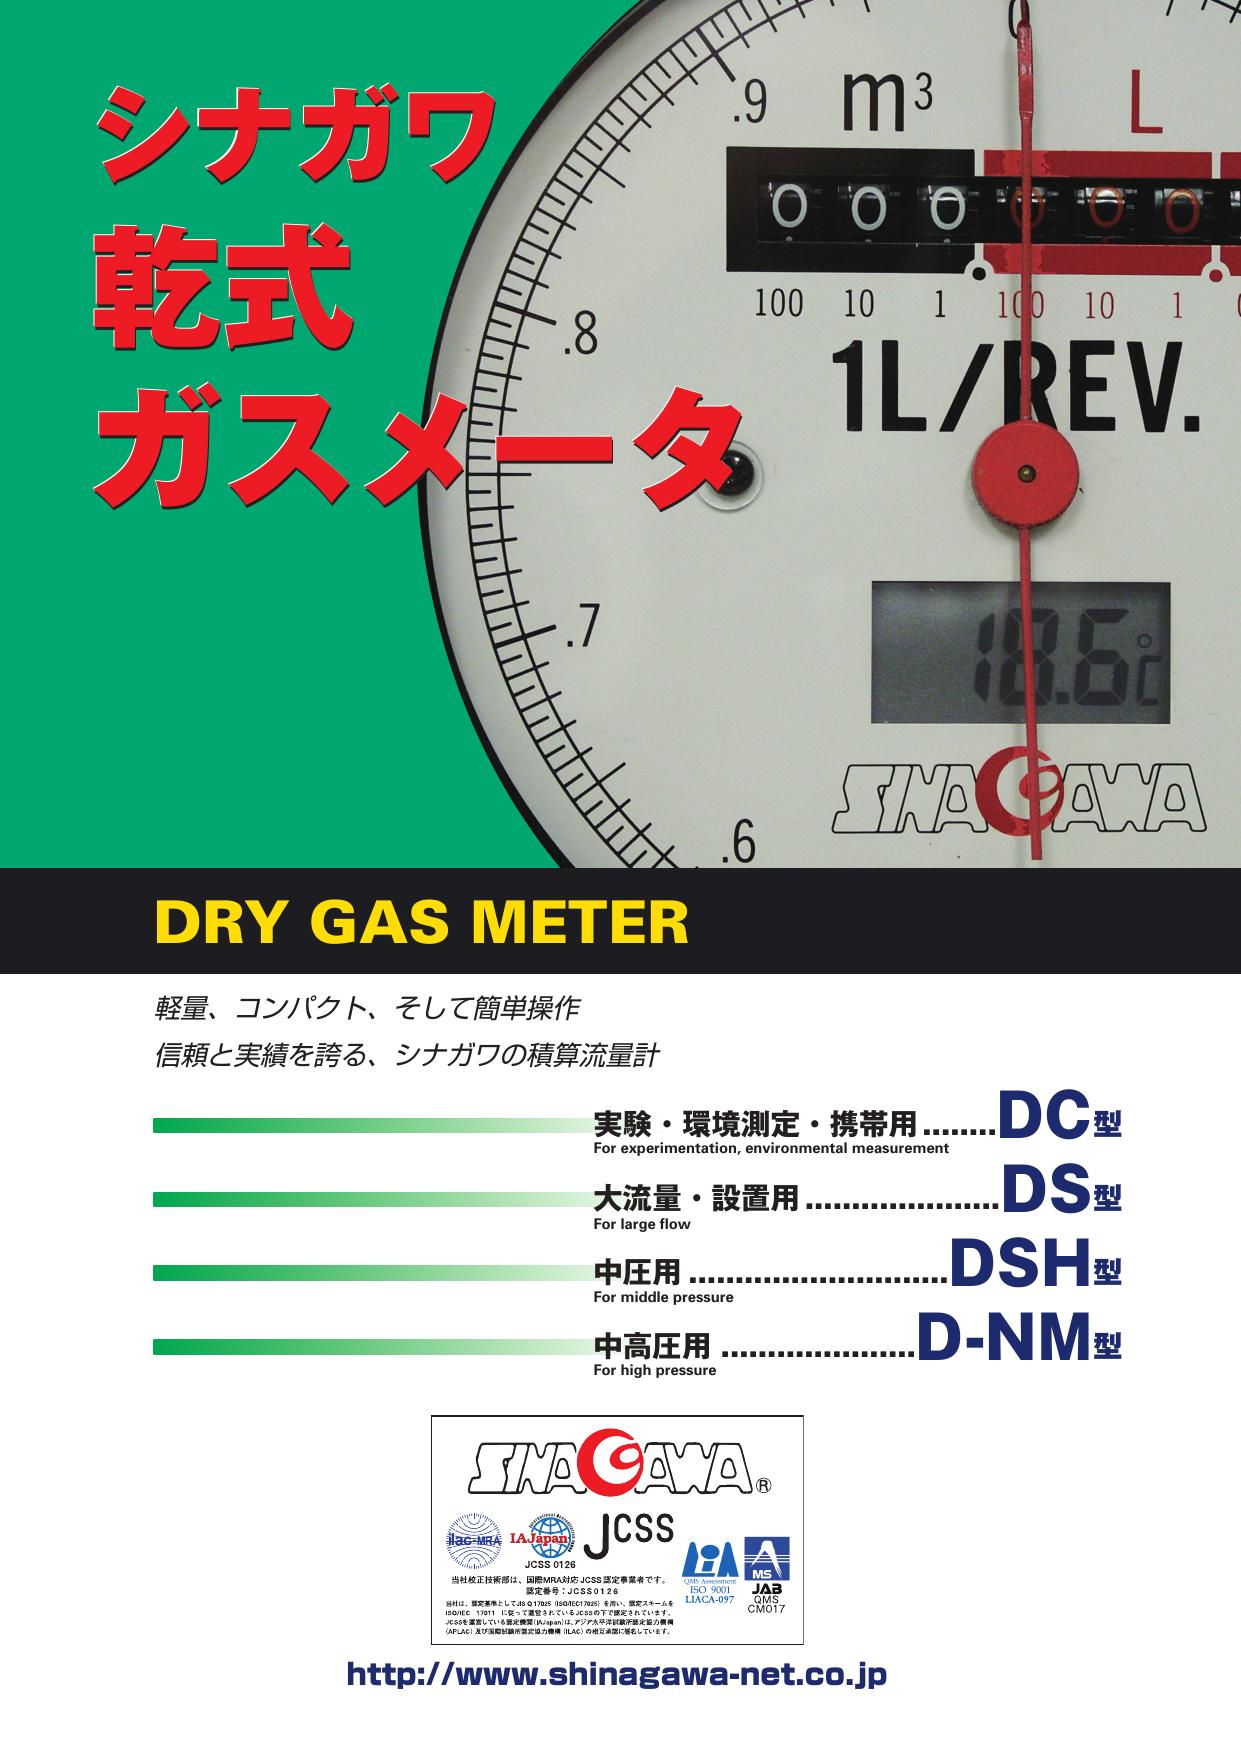 Dry Gas Meter : シナガワ 乾式 ガスメータ(株式会社シナガワ)のカタログ無料ダウンロード 製造業向けカタログポータル aperza